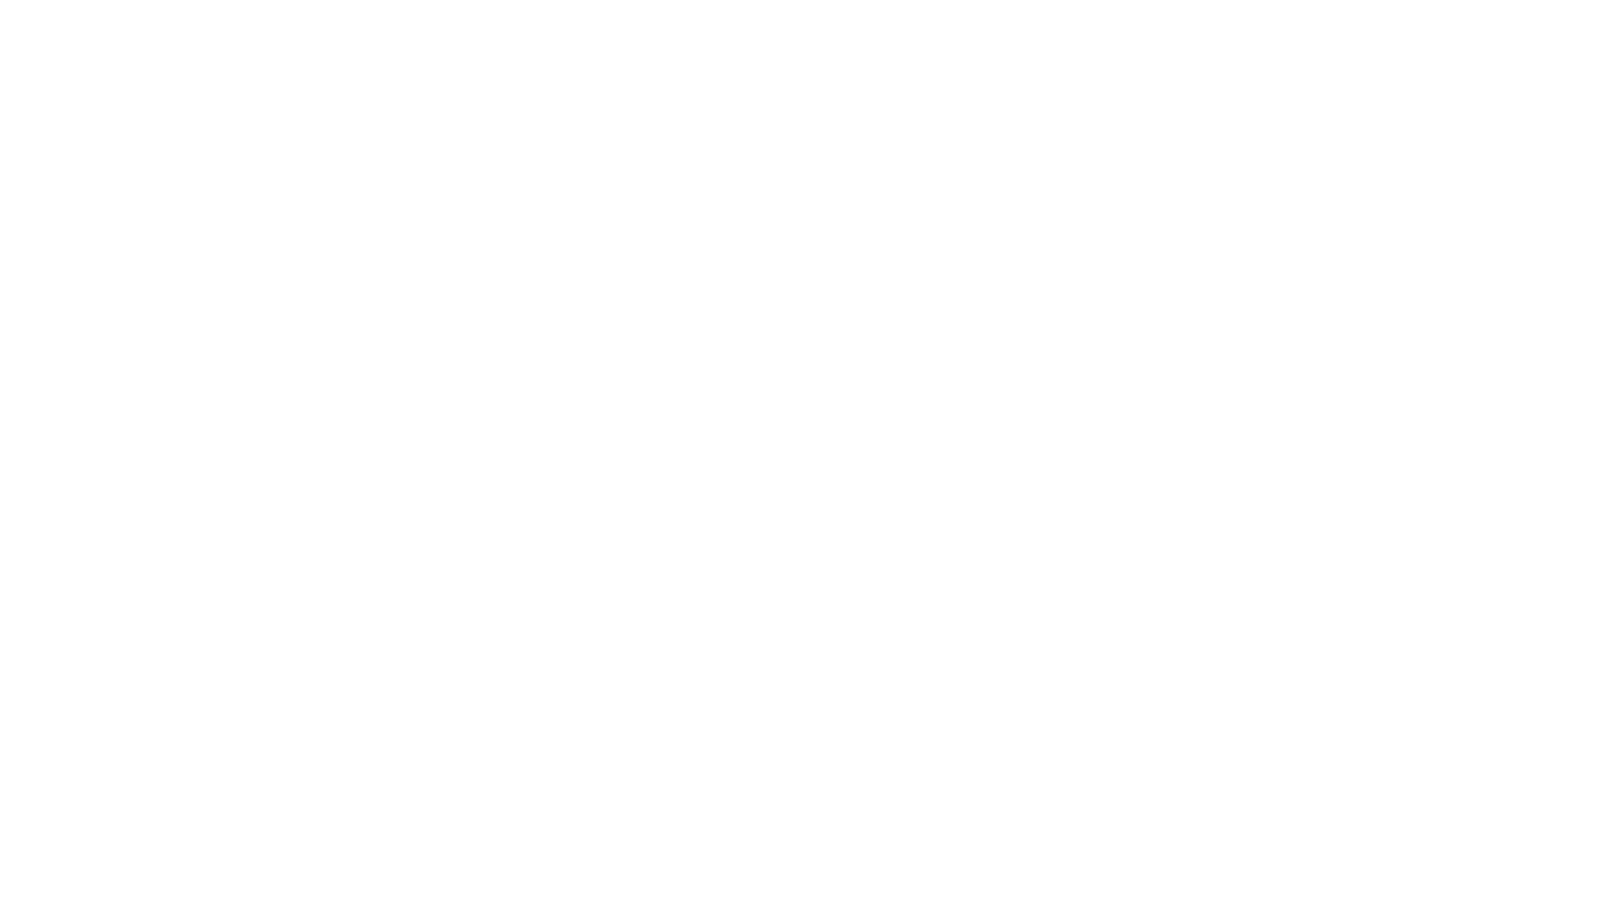 """В середине 30-ых годов Часы-метеопавильон  был демонтирован и перенесён на Елагин остров. Около 70 лет он простоял в ЦПКиО на острове, но в 1997 году его восстановили и снова поставили на Малой Конюшенной. С 2007 года часы в павильоне не функционировали, но в начале 2018 года Администрацией района было принято решение о реставрации павильона.    Работы связанные с восстановлением часов поручили нашей компании ООО """"ГК ТАЙМ"""" (Gk TIME),  и уже в ноябре 2018 года , нами были выполнен комплекс работ по замене старого оборудования часов на новое Швейцарского производства с синхронизацией точного времени по GPS спутникам. Стекла изготовили из каленого антивандального стекла. От подсветки циферблатов отказались, так как в павильон изначально было не подведено электричество.    Часы полностью работают от собственных источников питания, которые рассчитаны минимум на 5 лет работы в любых погодных условиях."""